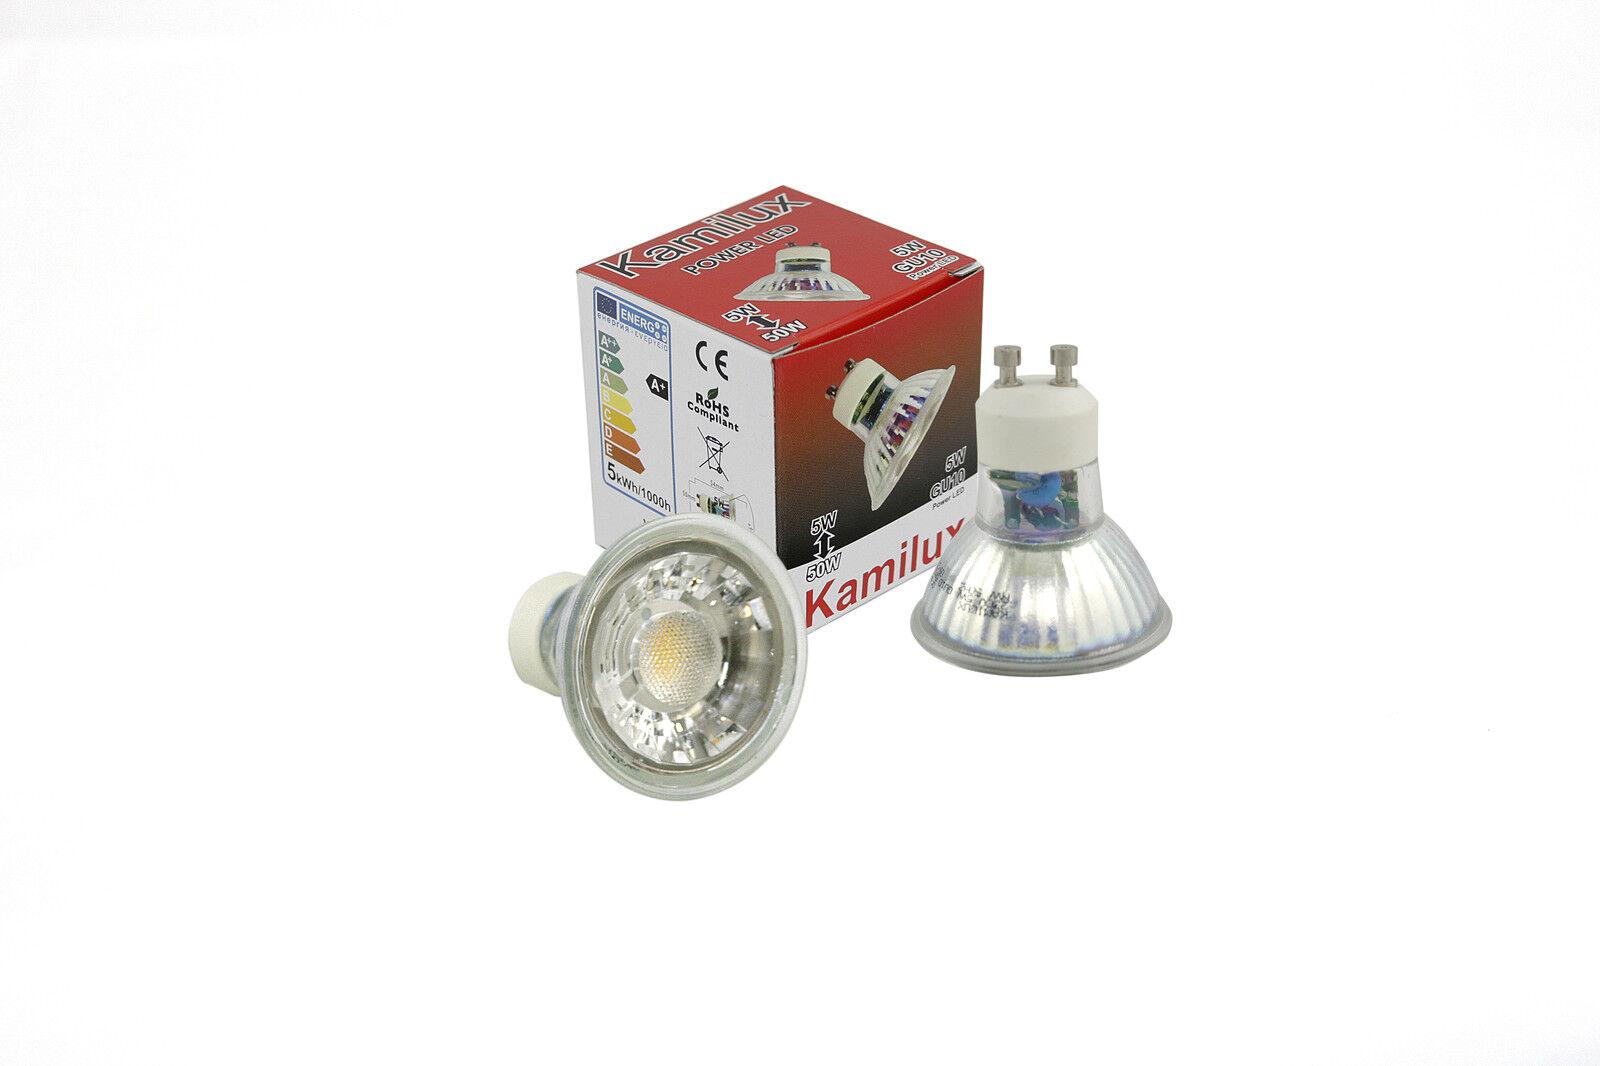 230V Spots Einbauleuchte gross Toni & 5W Power LED LED LED GU10 Leuchtmittel, rostfrei | Qualität Produkte  | Louis, ausführlich  | Vollständige Spezifikation  c01c26